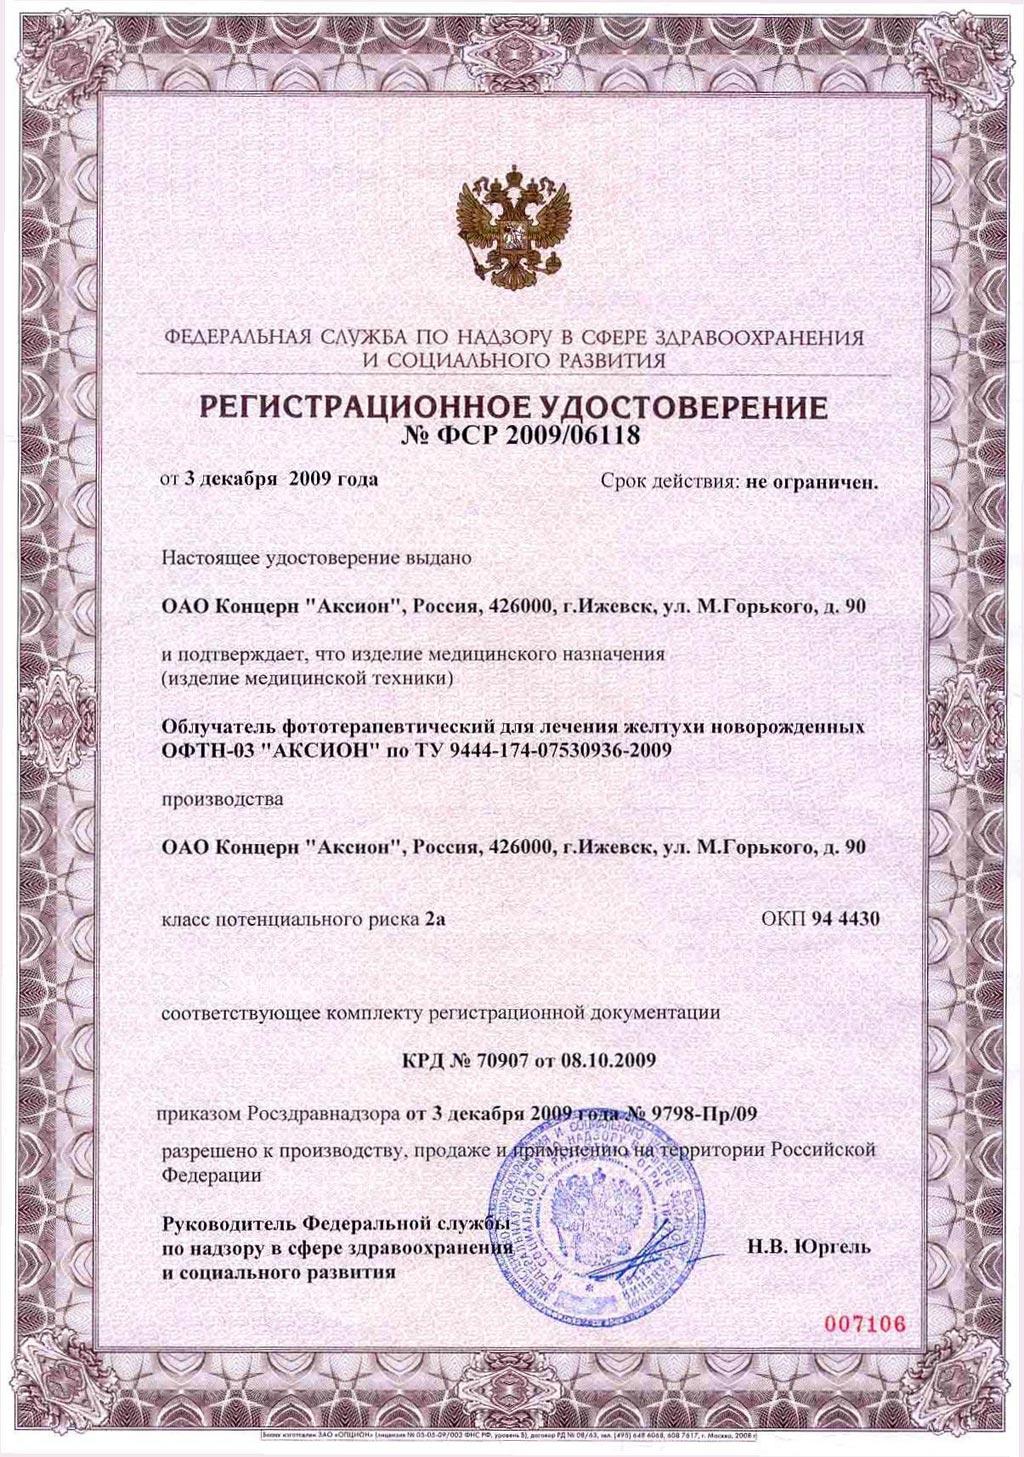 сертификат ОФТН-03 АКСИОН облучатель фототерапевтический